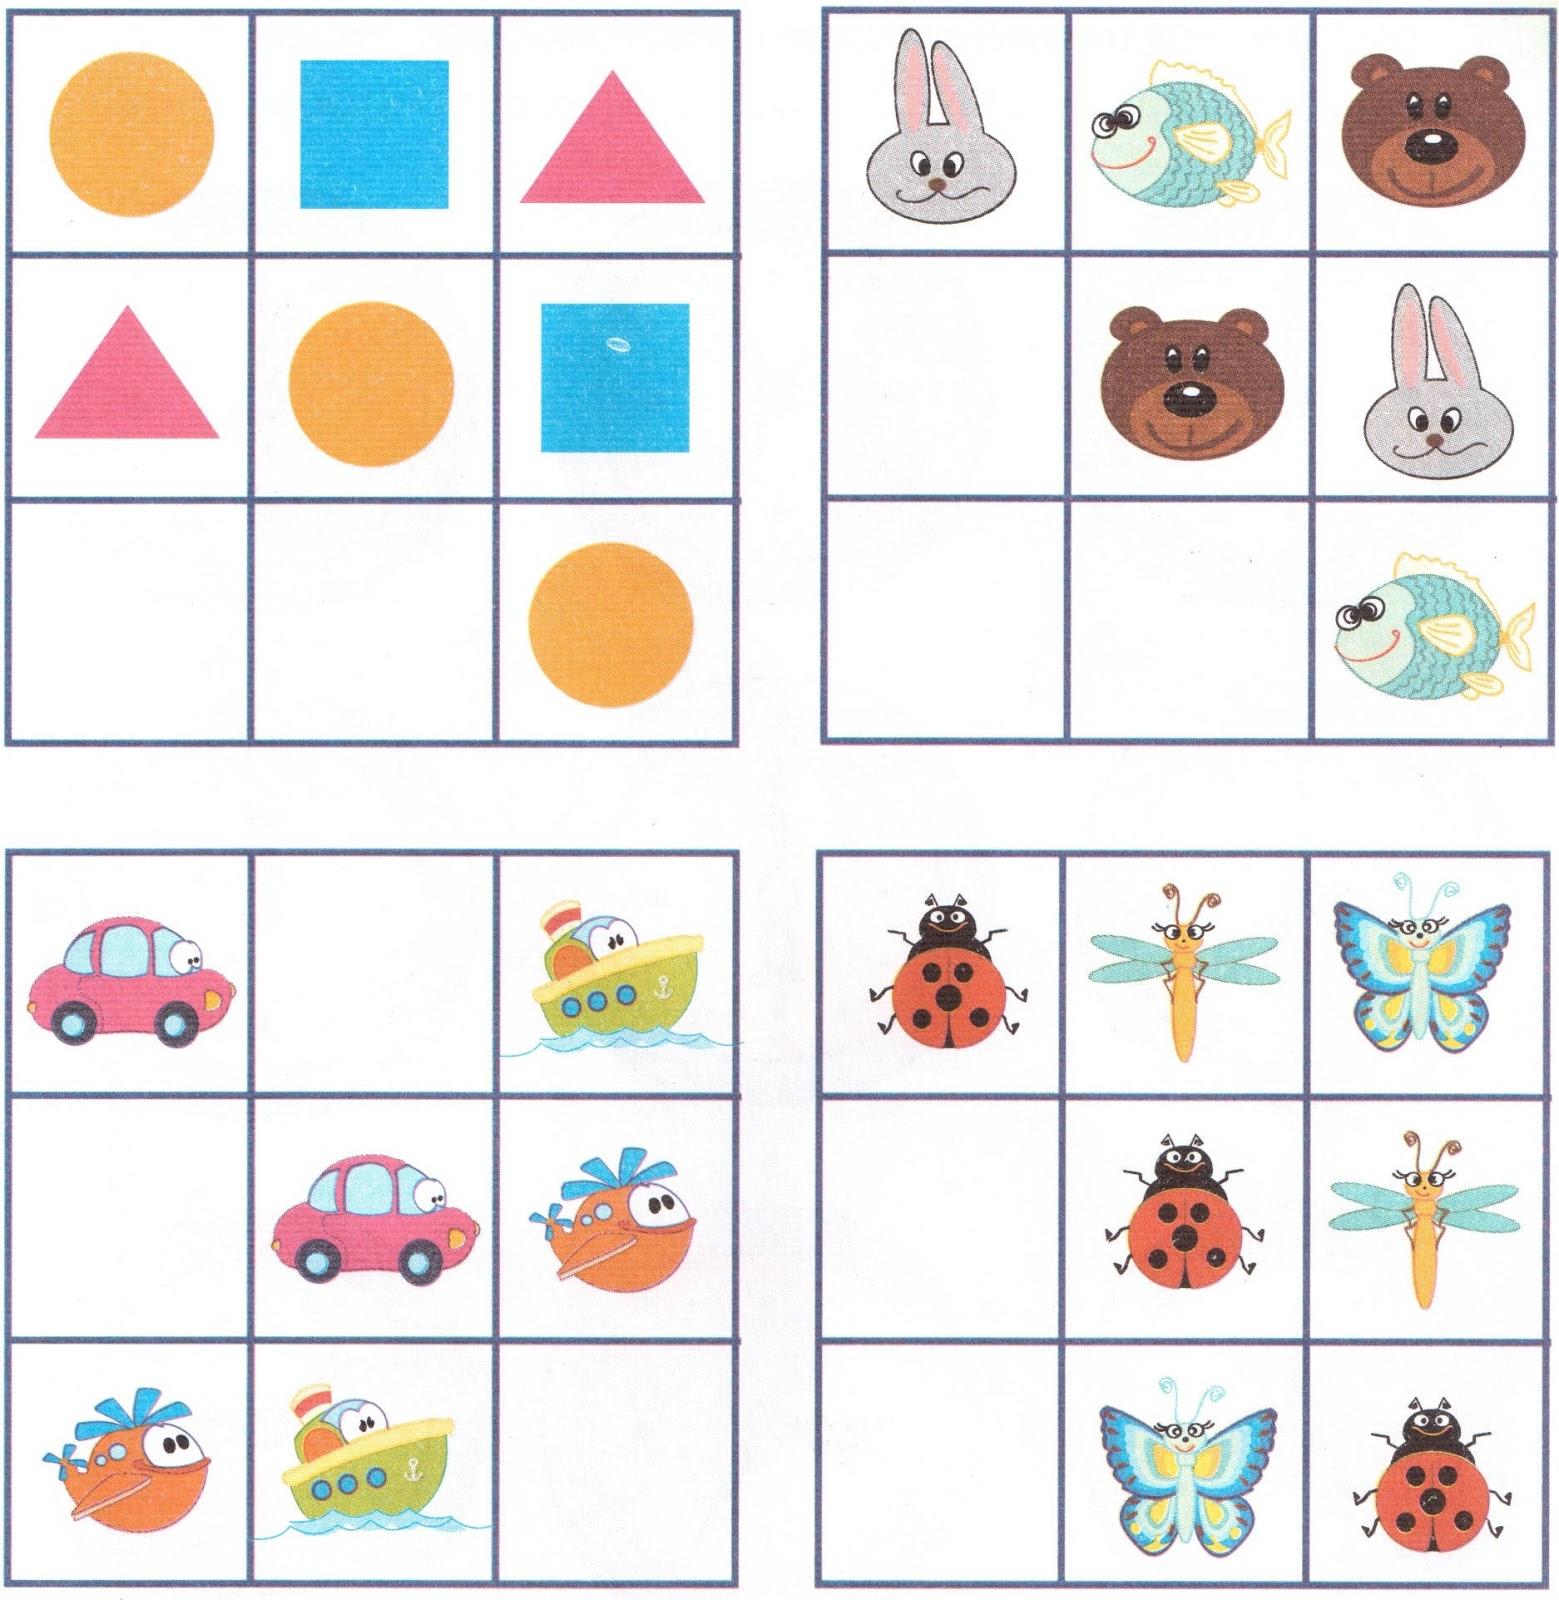 Картинки логических упражнений для средней группы